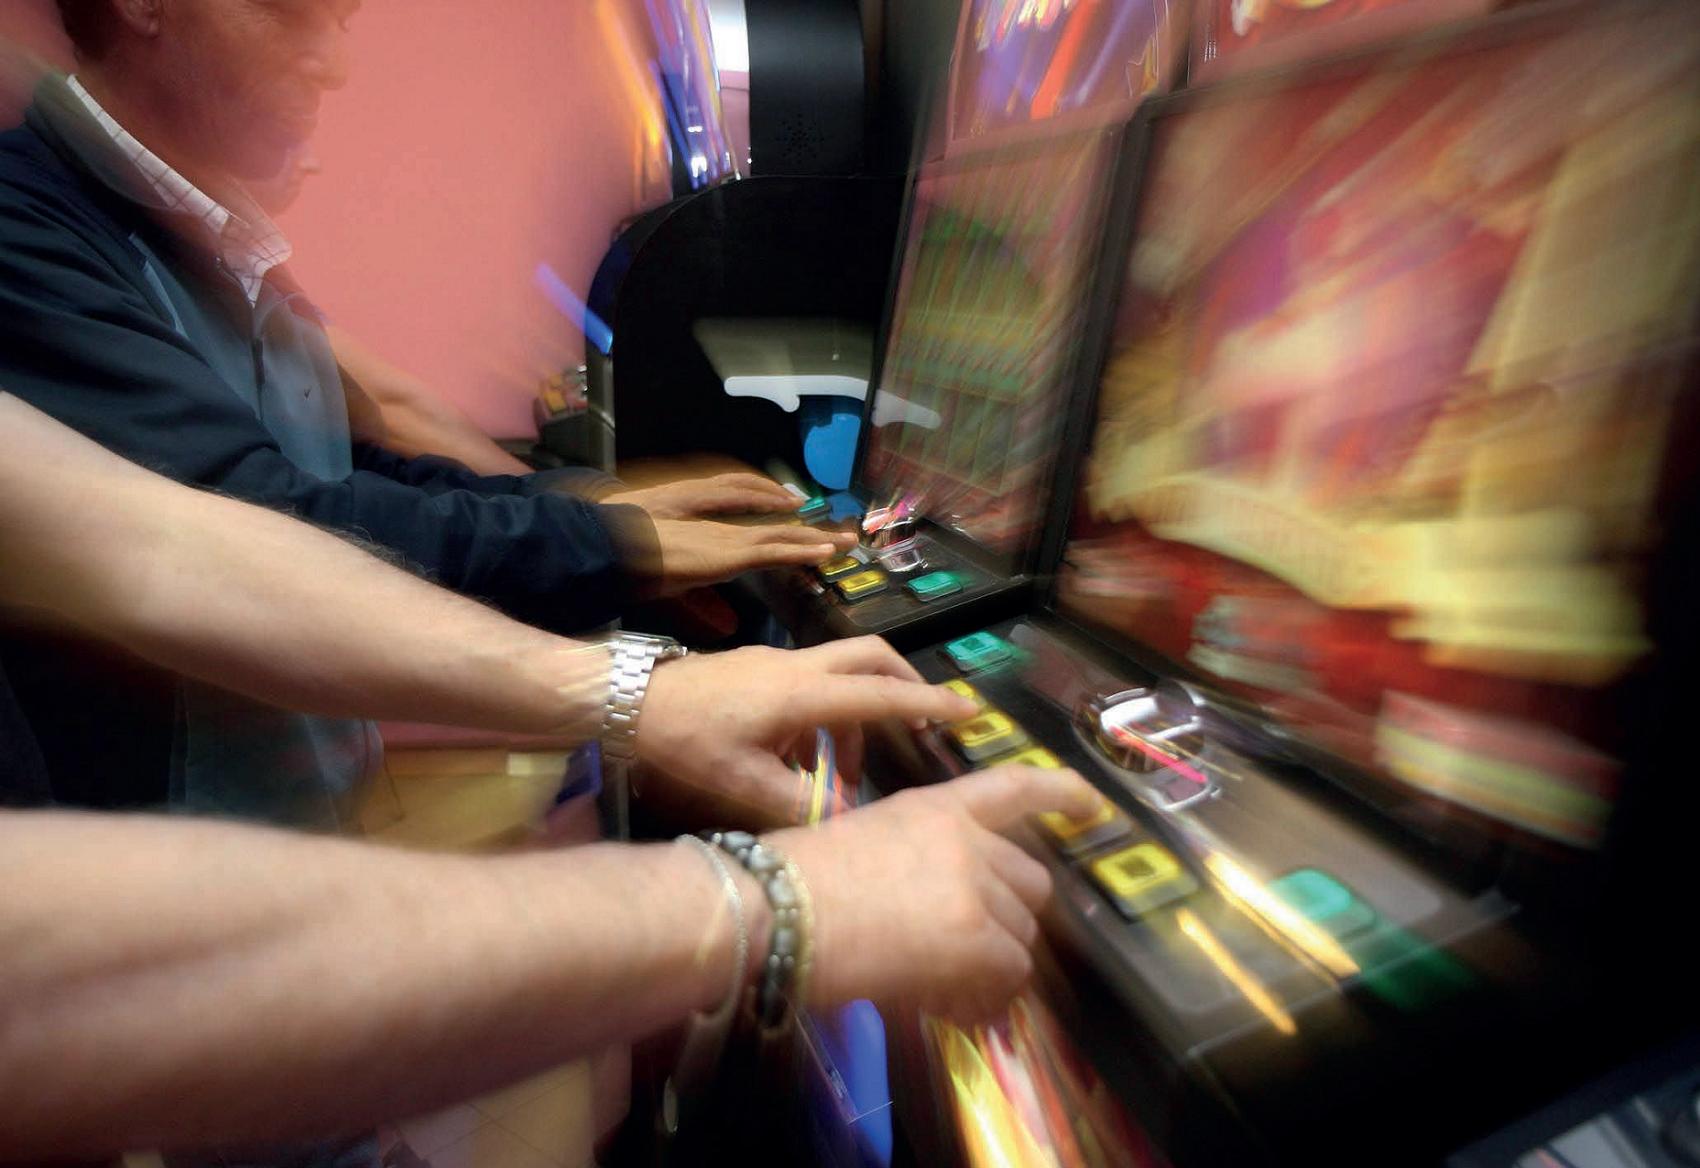 Tari agevolata nei locali senza slot machine